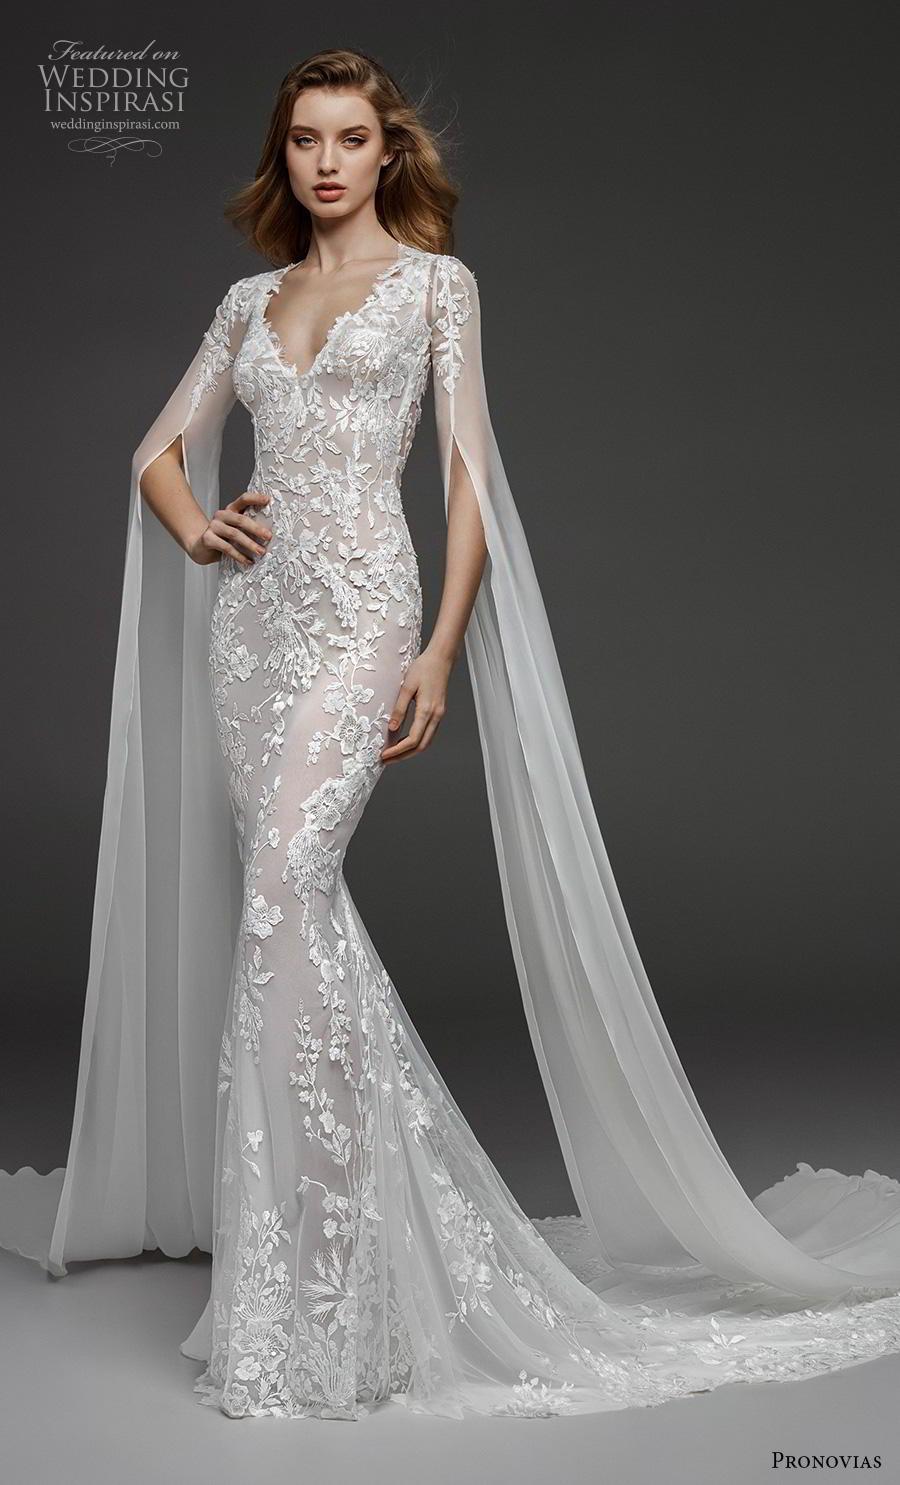 atelier pronovias 2019 bridal hanging sleeves v neck full embellishment elegant fit and flare wedding dress keyhole back sweep train (6) mv